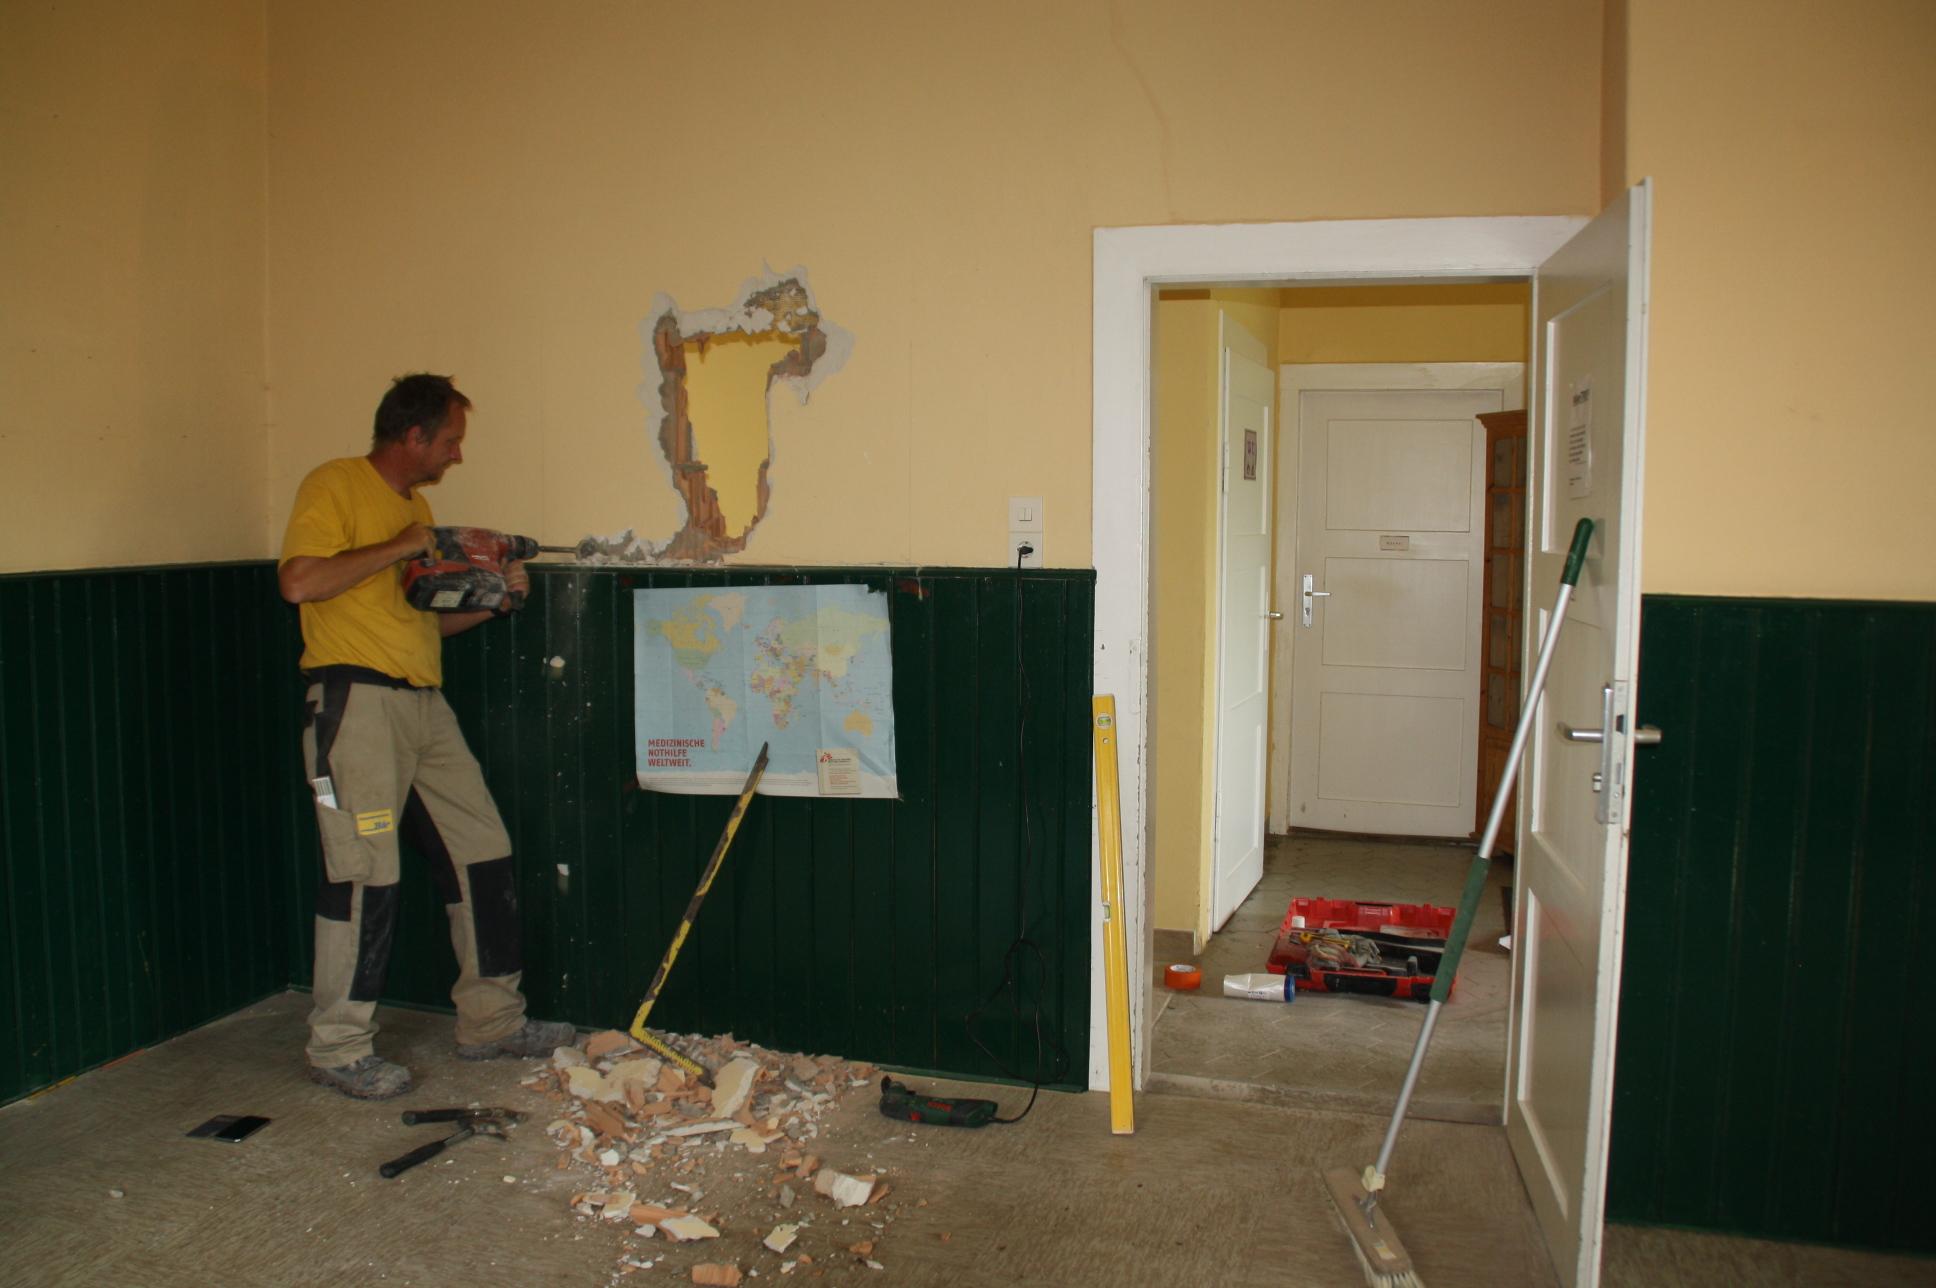 Erste Arbeiten zum Umbau im Saal: Durchbruch einer zweiten Tür aus dem späteren Gruppenraum hinaus in den Verbindungsgang.